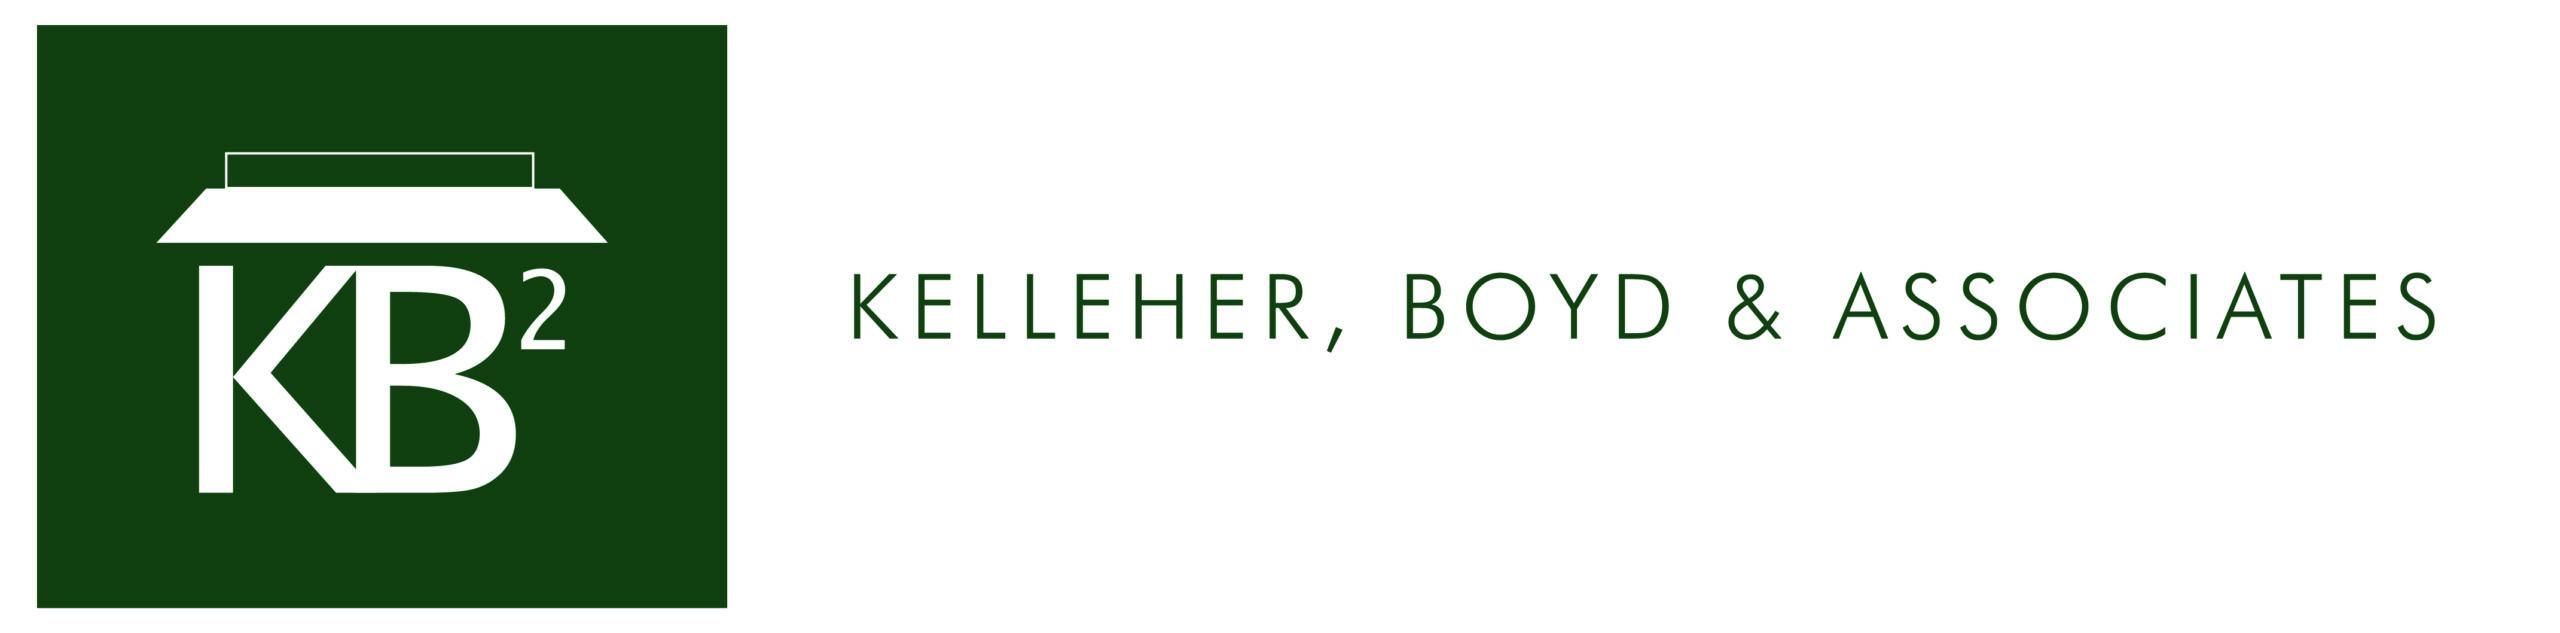 Kelleher, Boyd & Associates